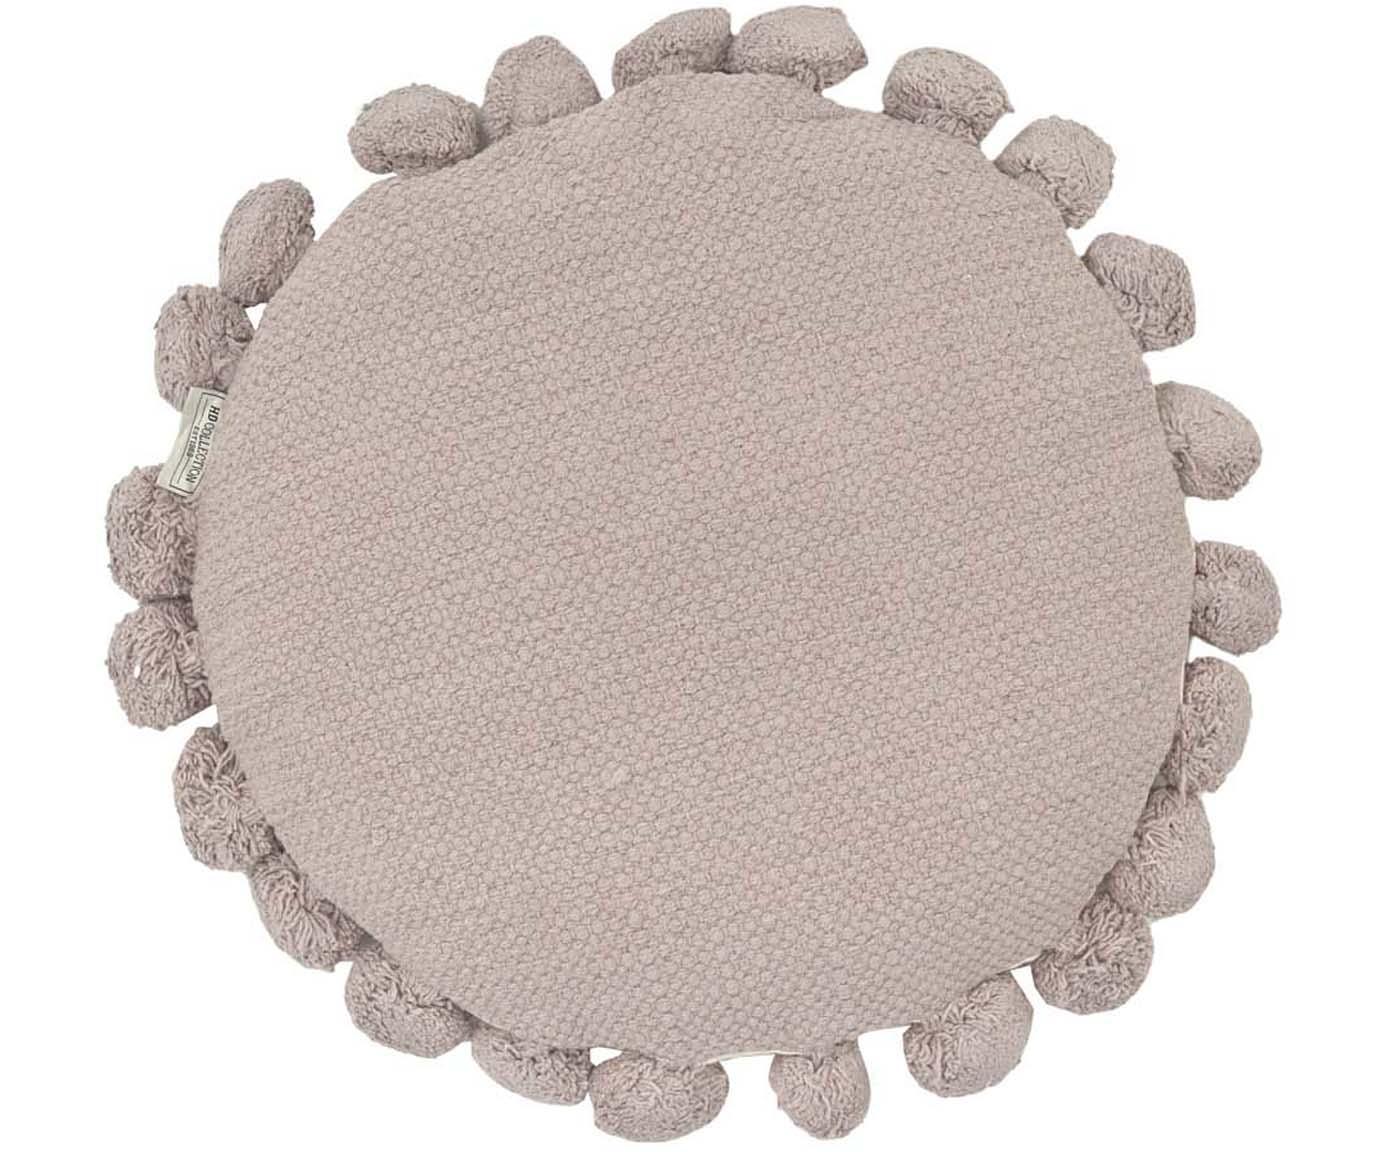 Rundes Kissen Betta mit Pompoms, mit Inlett, Grau, Ø 45 cm